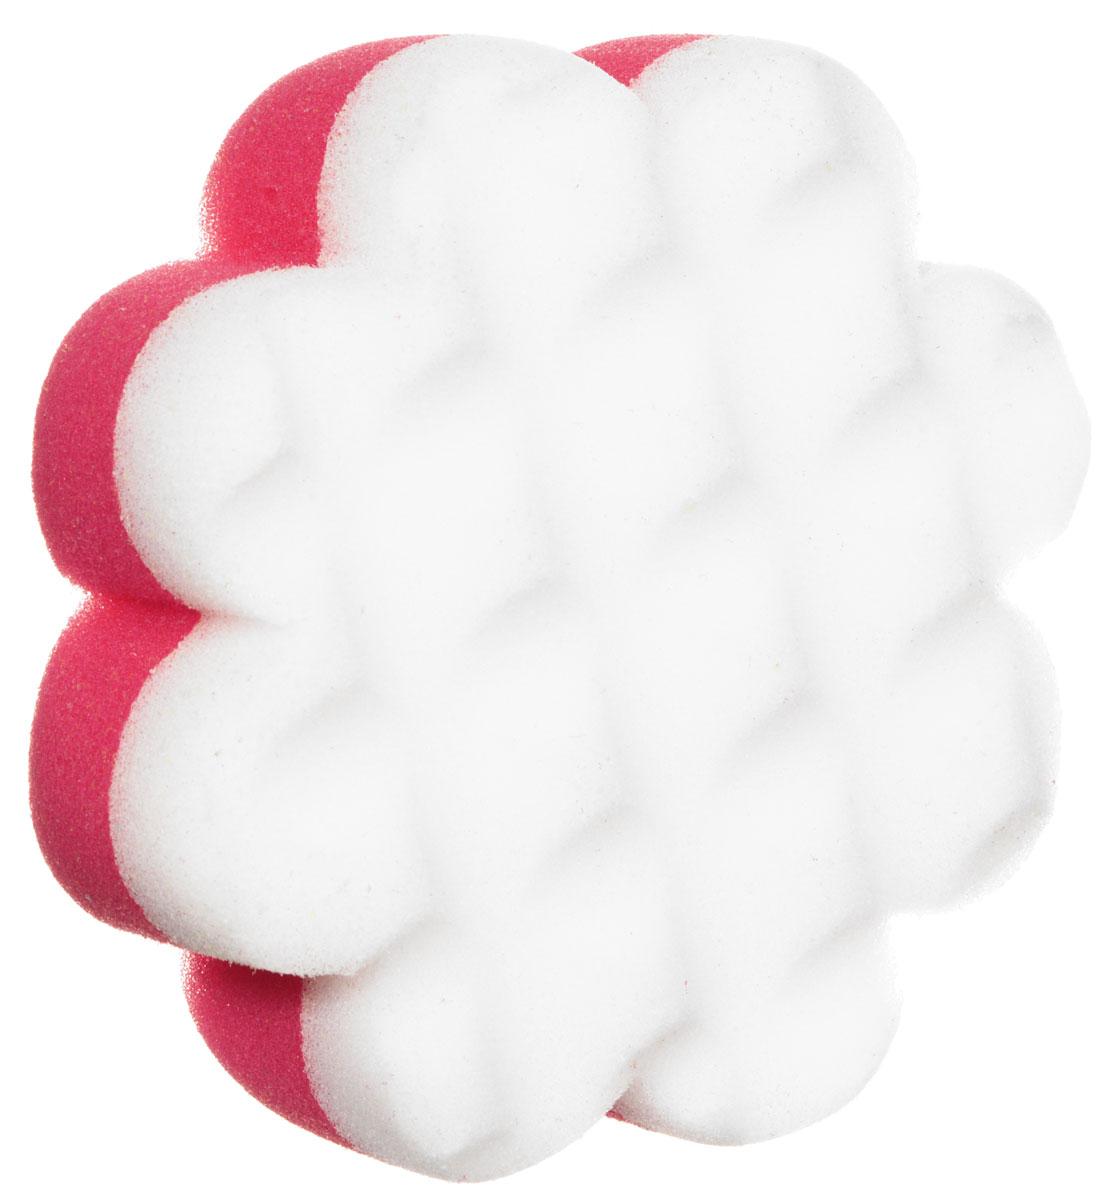 Курносики Мочалка с массажным слоем Цветок цвет розовый белый40505_розовый, цветокМочалка Курносики в форме цветка обеспечивает мягкий уход за кожей малышапри купании и отлично взбивает мыльную пену. Детская мочалка имеет форму,комфортную для рук, а также массажный слой, помогающий удалять загрязнения.Такая мочалка поможет вам провести купание малыша мягко и комфортно. Мочалка с массажным слоем Курносики прослужит вам длительно, радуя вас ивашего малыша.